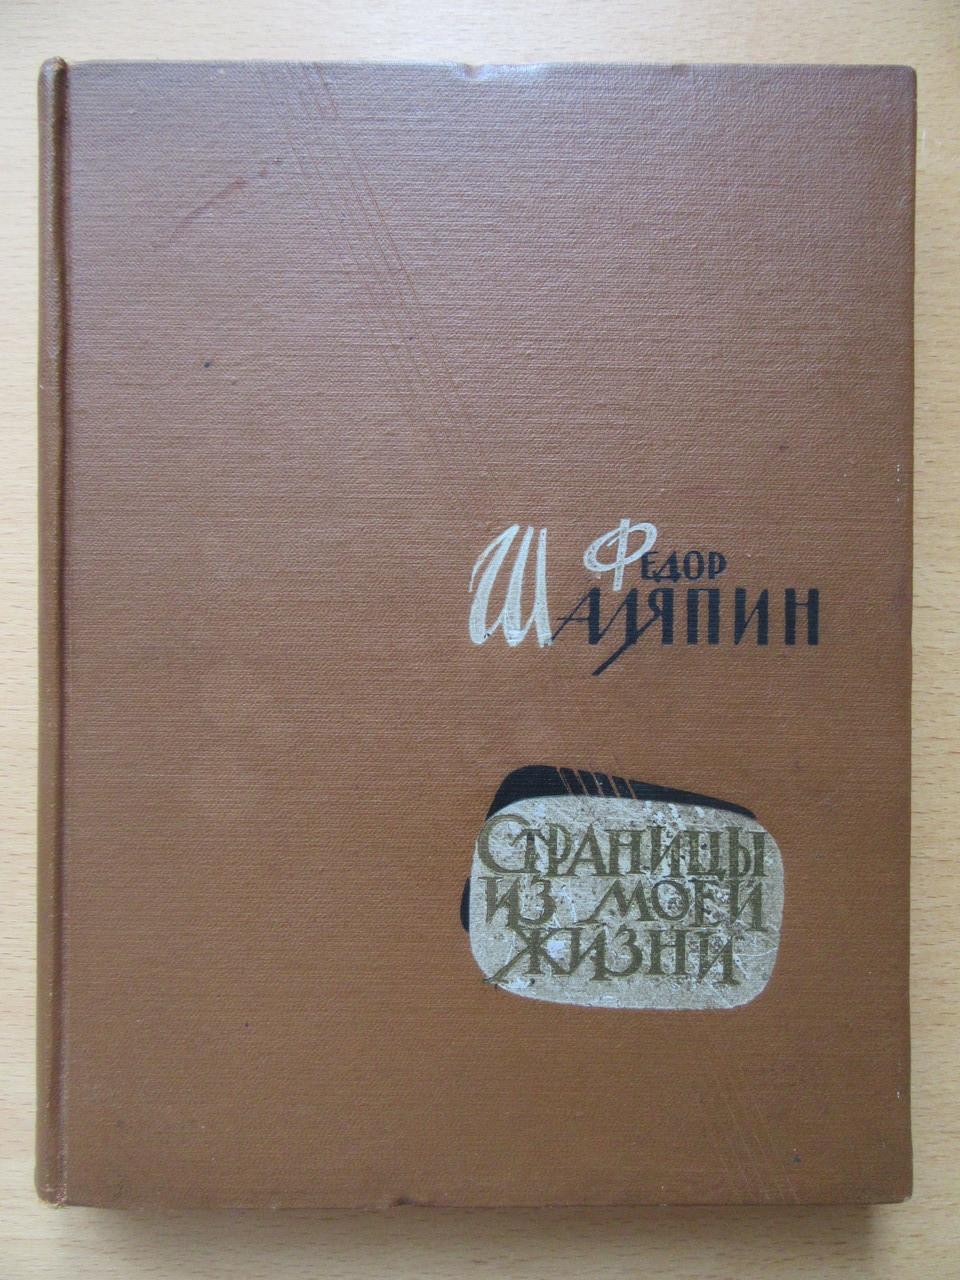 Федір Шаляпін. Сторінки з мого життя. 1961р